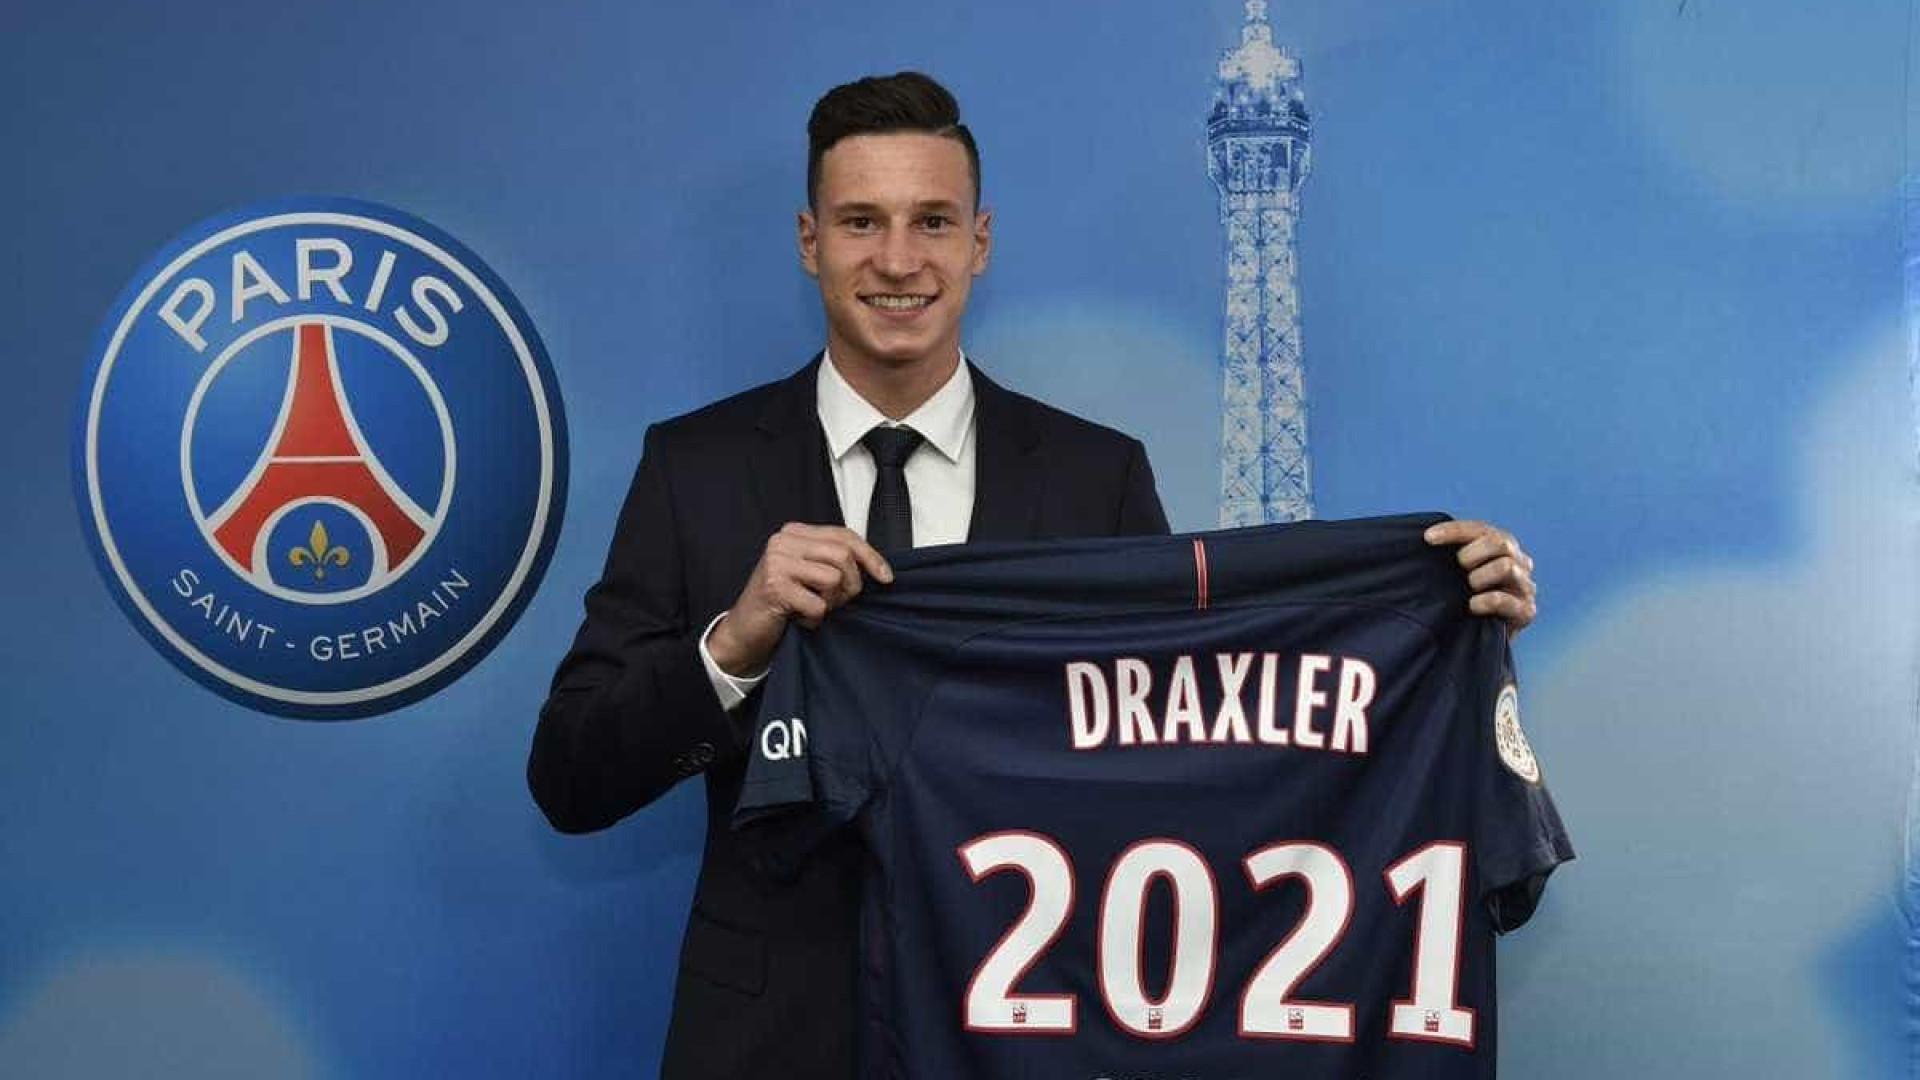 Especulado no Liverpool, alemão Draxler renova com o PSG